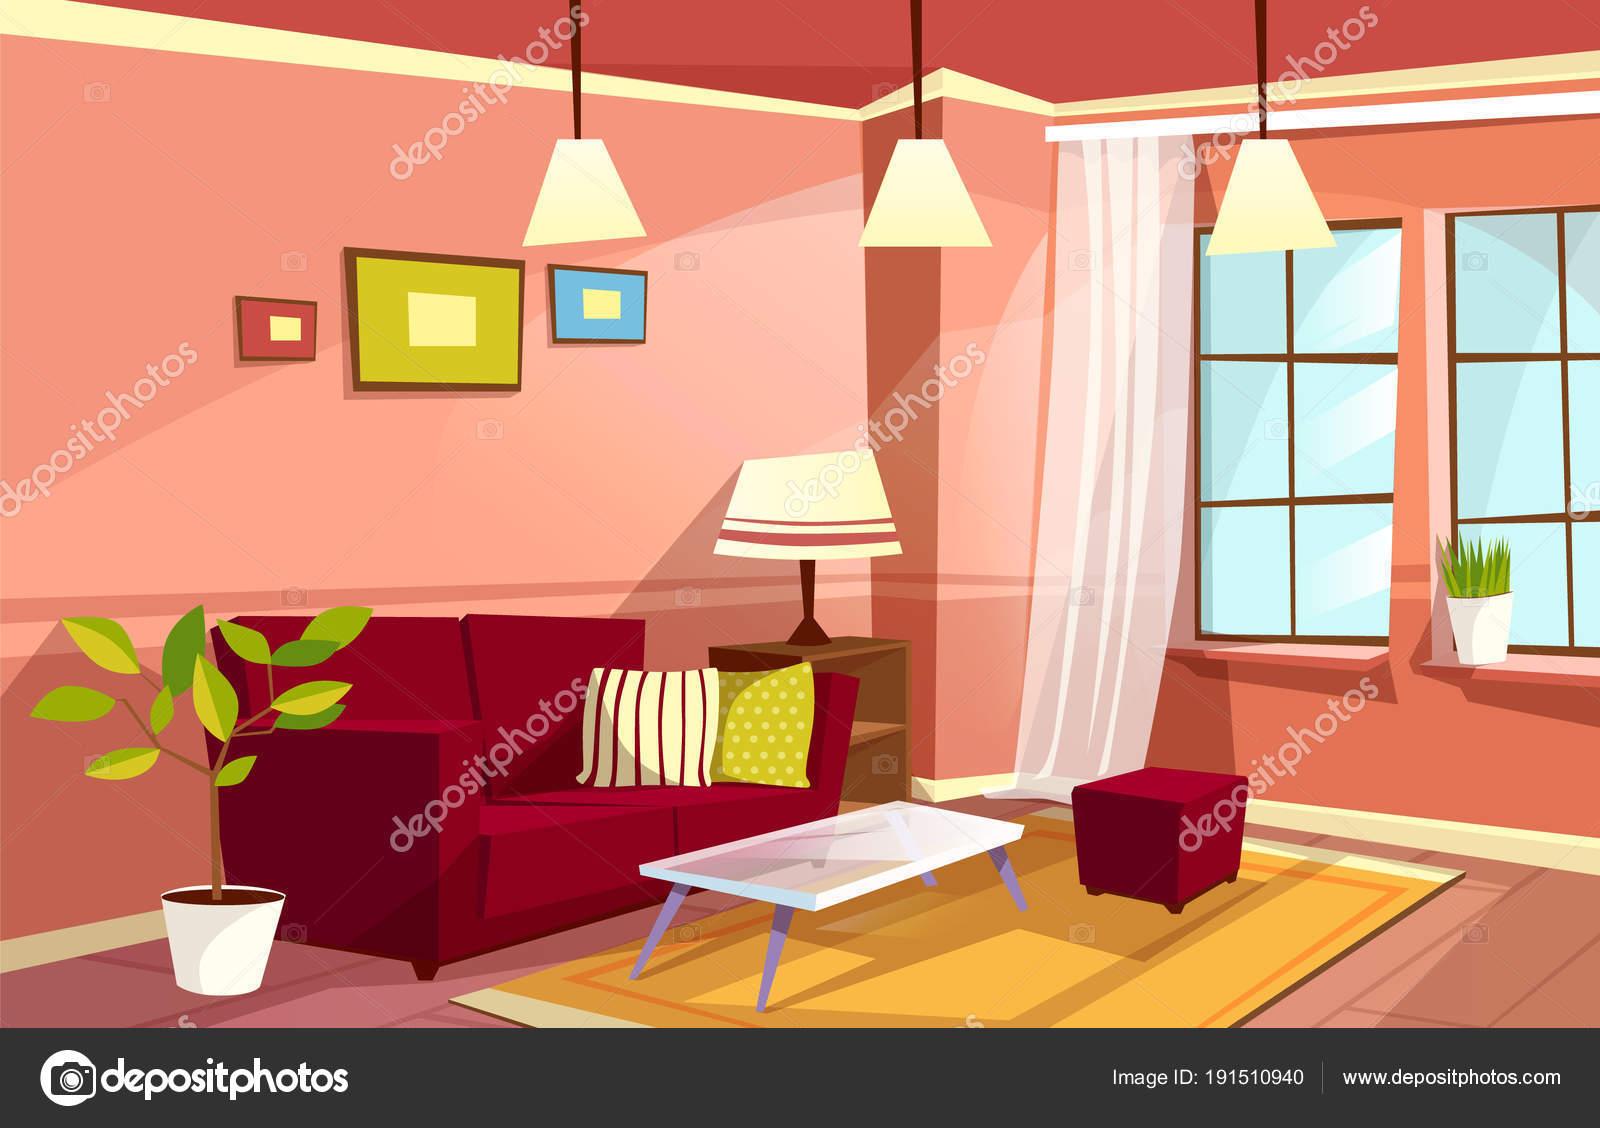 Im genes una sala de una casa animada interior de vectores dibujos animados sal n apartamento for Cartoon picture of a living room